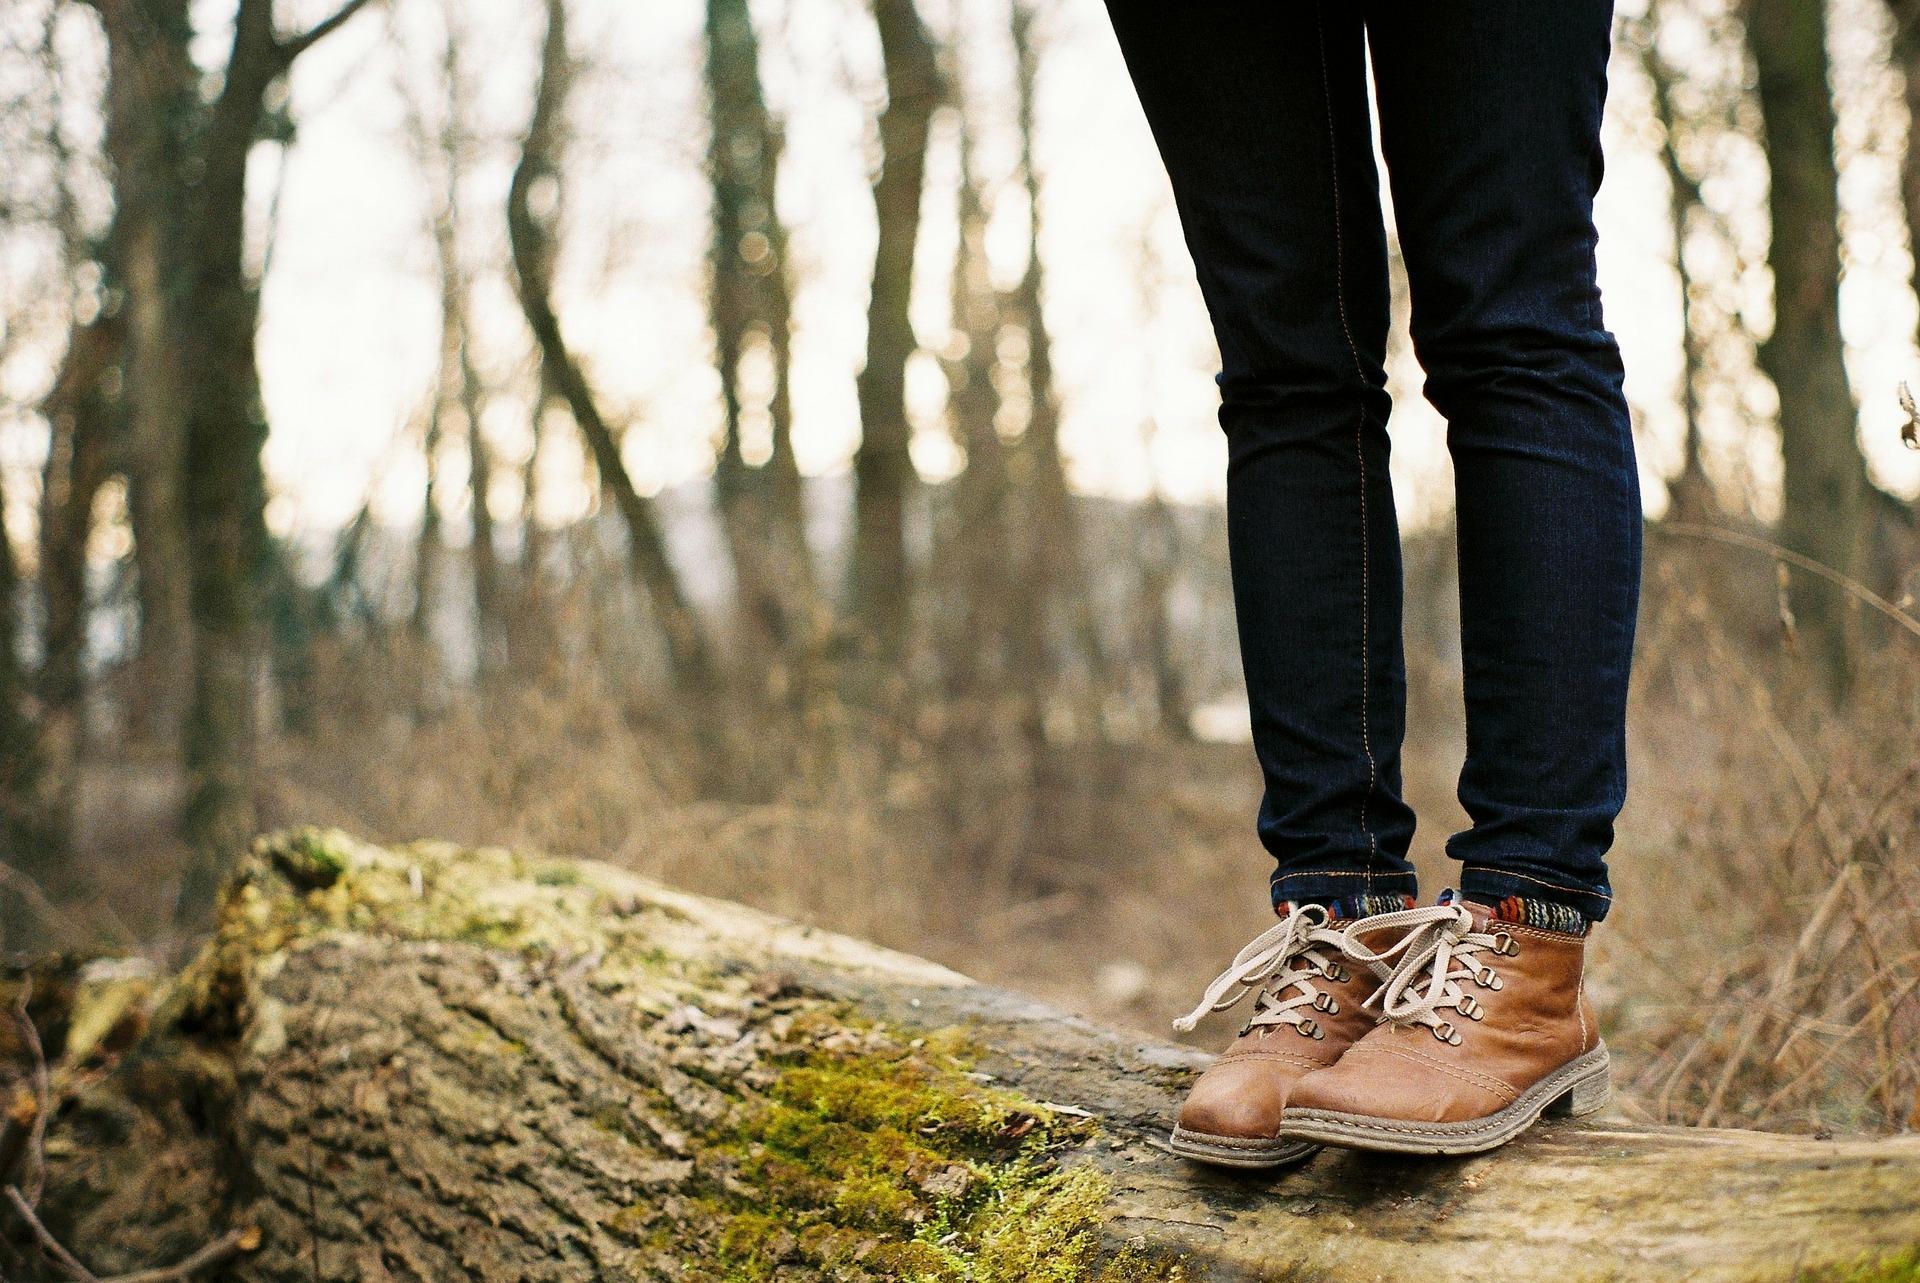 al campo a caminar